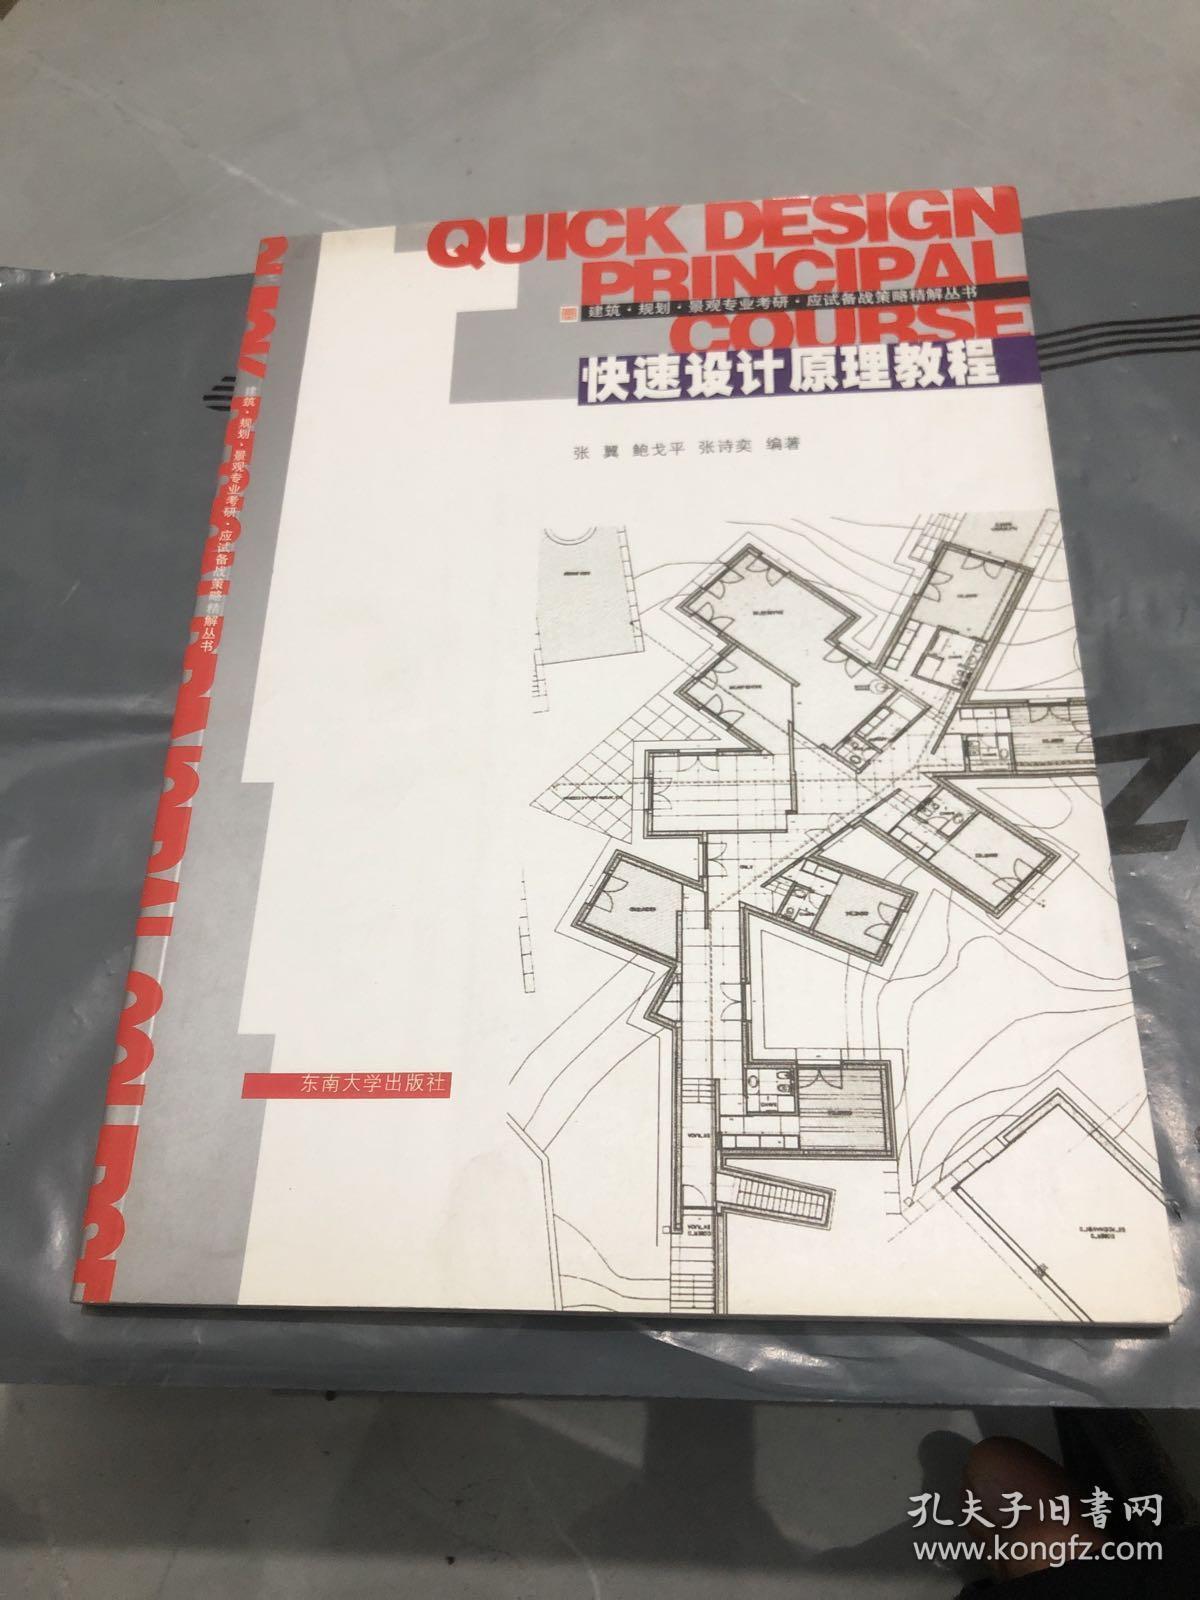 建筑·规划·景观专业考研·应试备战策略精解丛书:快速设计原理教程